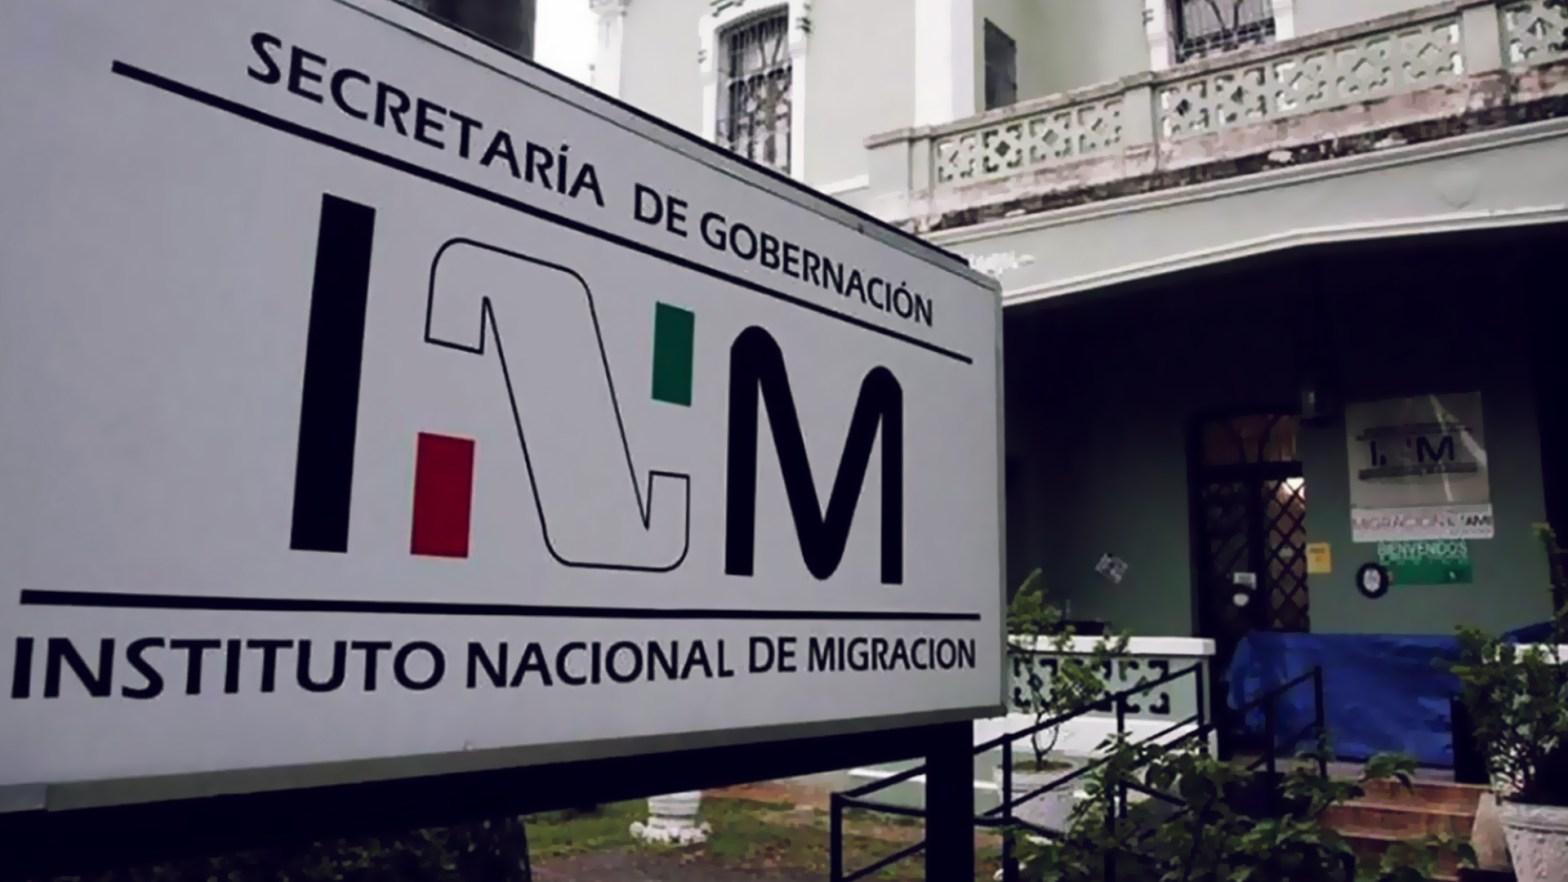 instalaciones del Instituto Nacional de Migración